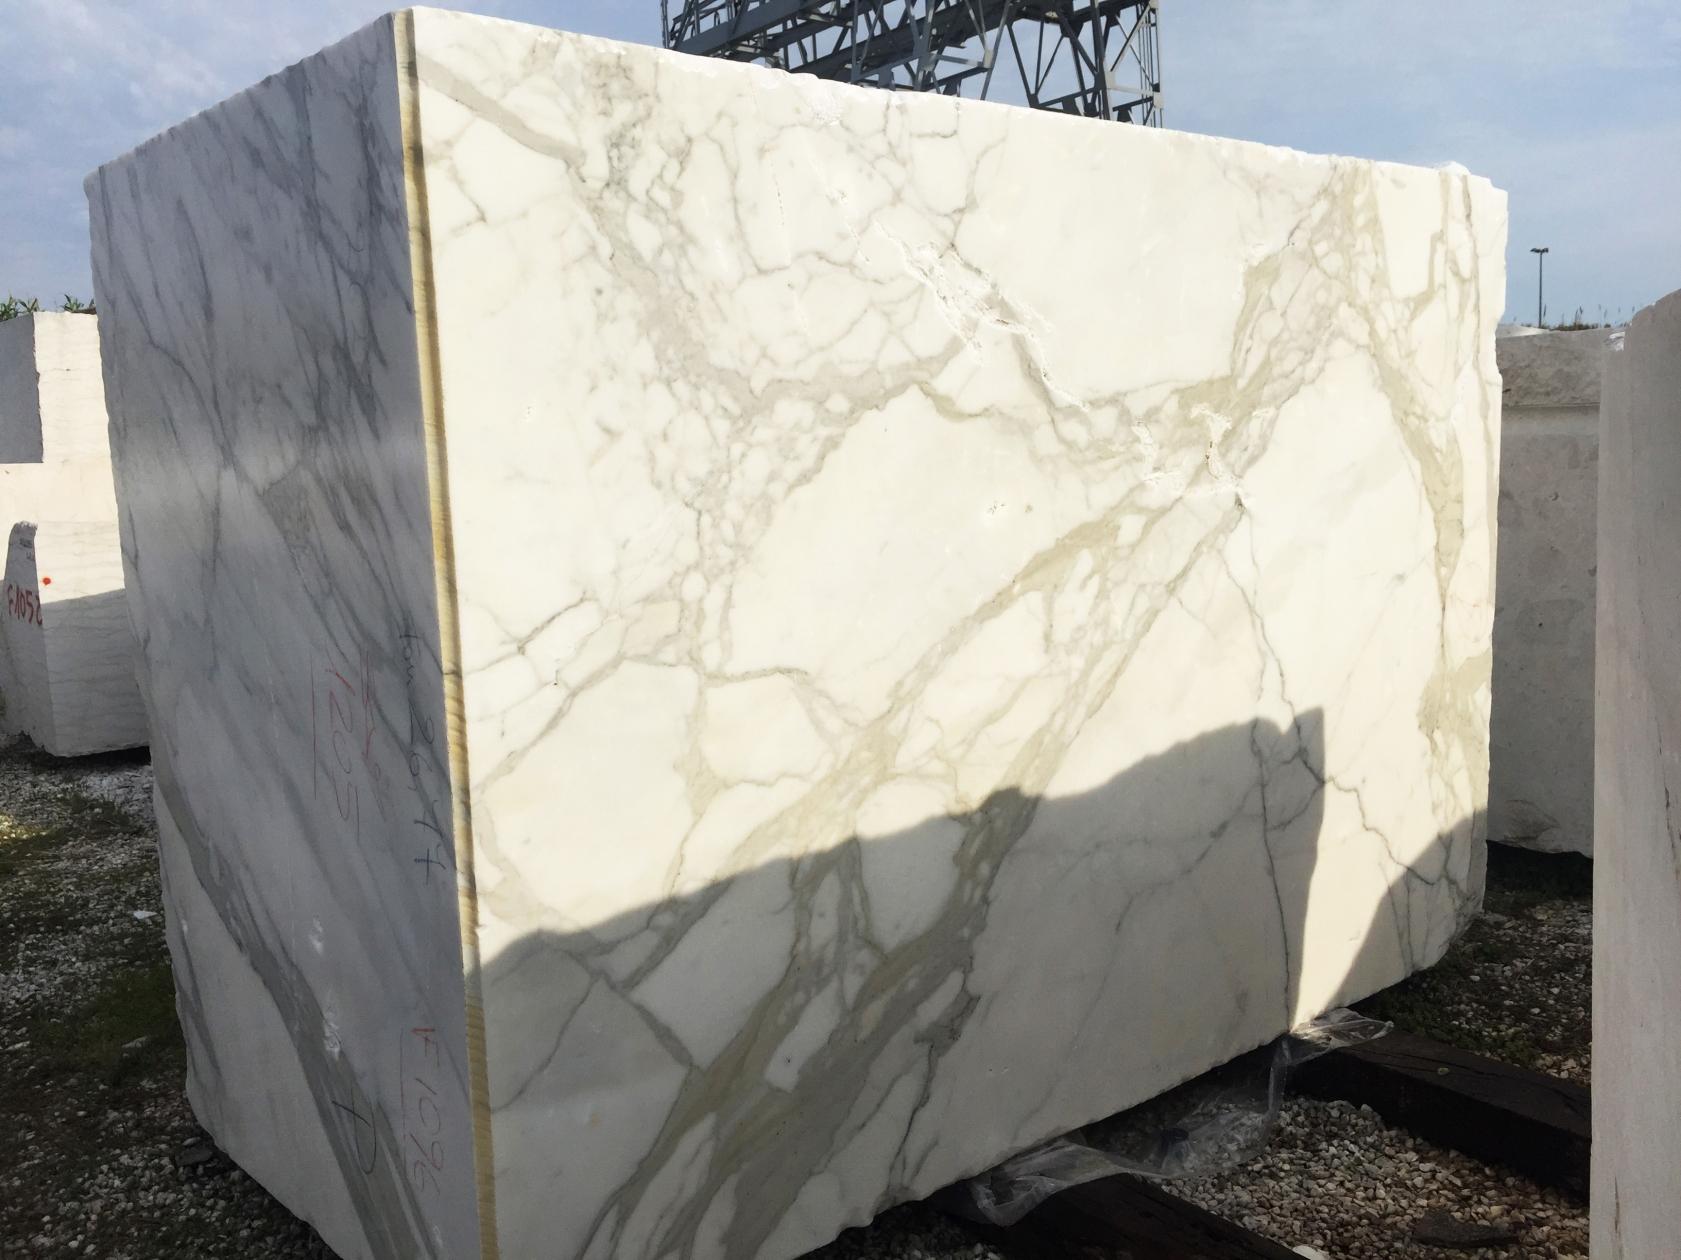 CALACATTA ORO EXTRA Fourniture (Italie) d' blocs bruts en marbre naturel 2628 , Face B